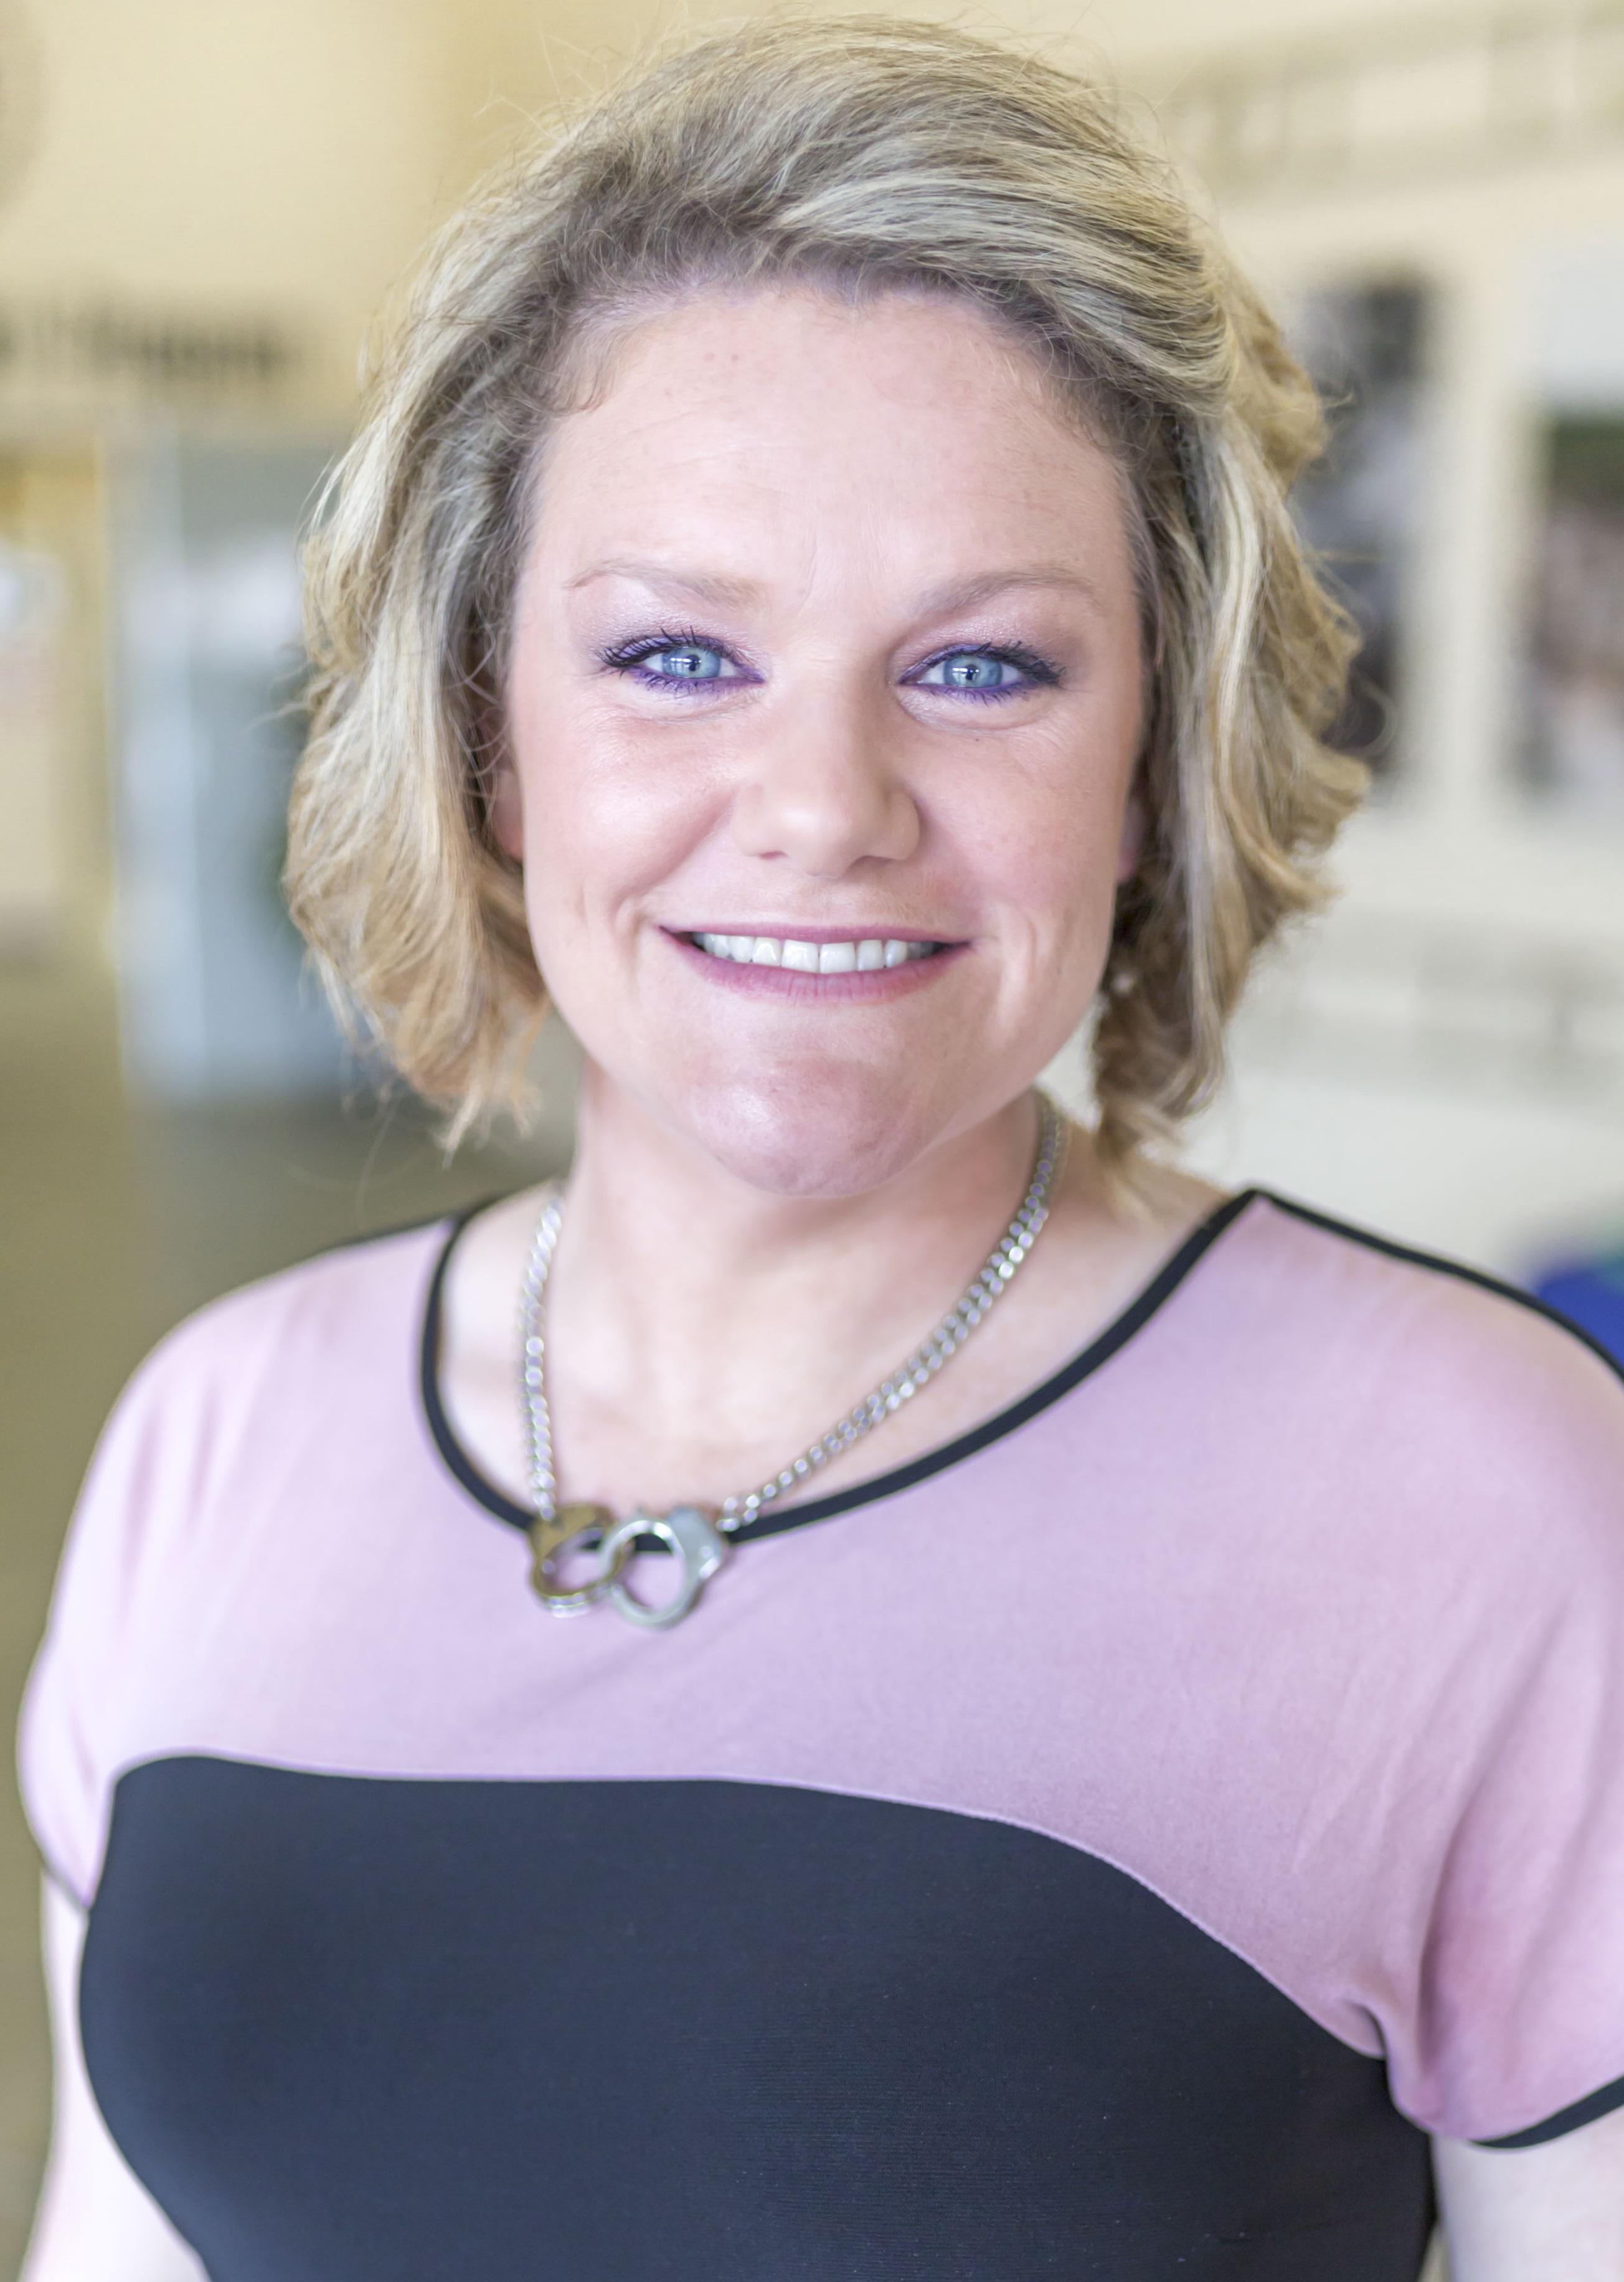 Kelly Jennings